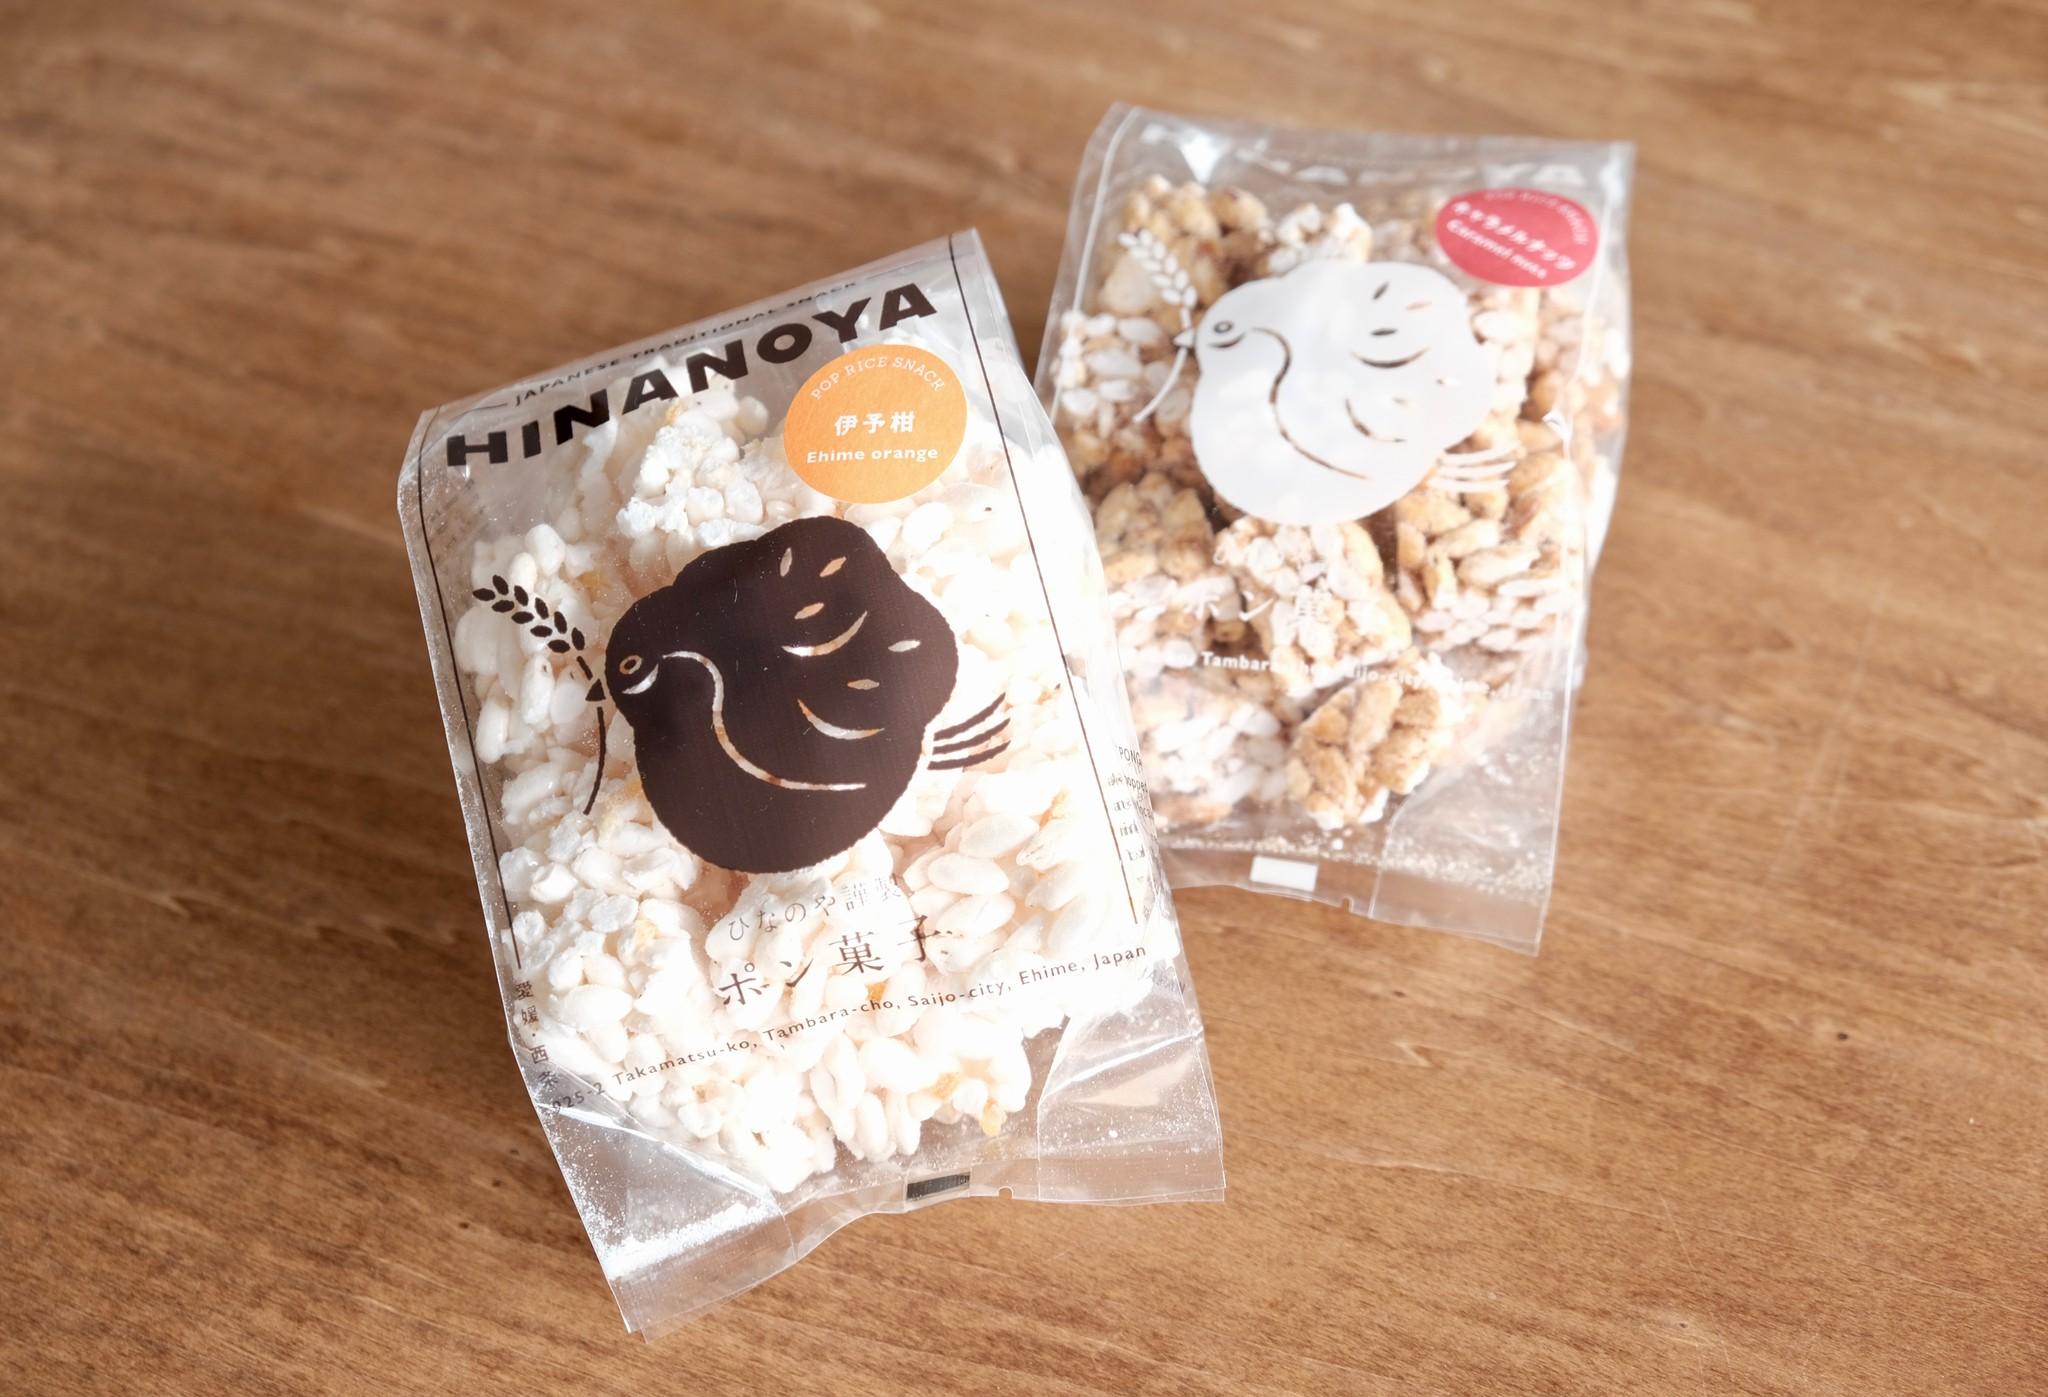 「HINANOYA」のブランドロゴ&パッケージがリニューアルしました